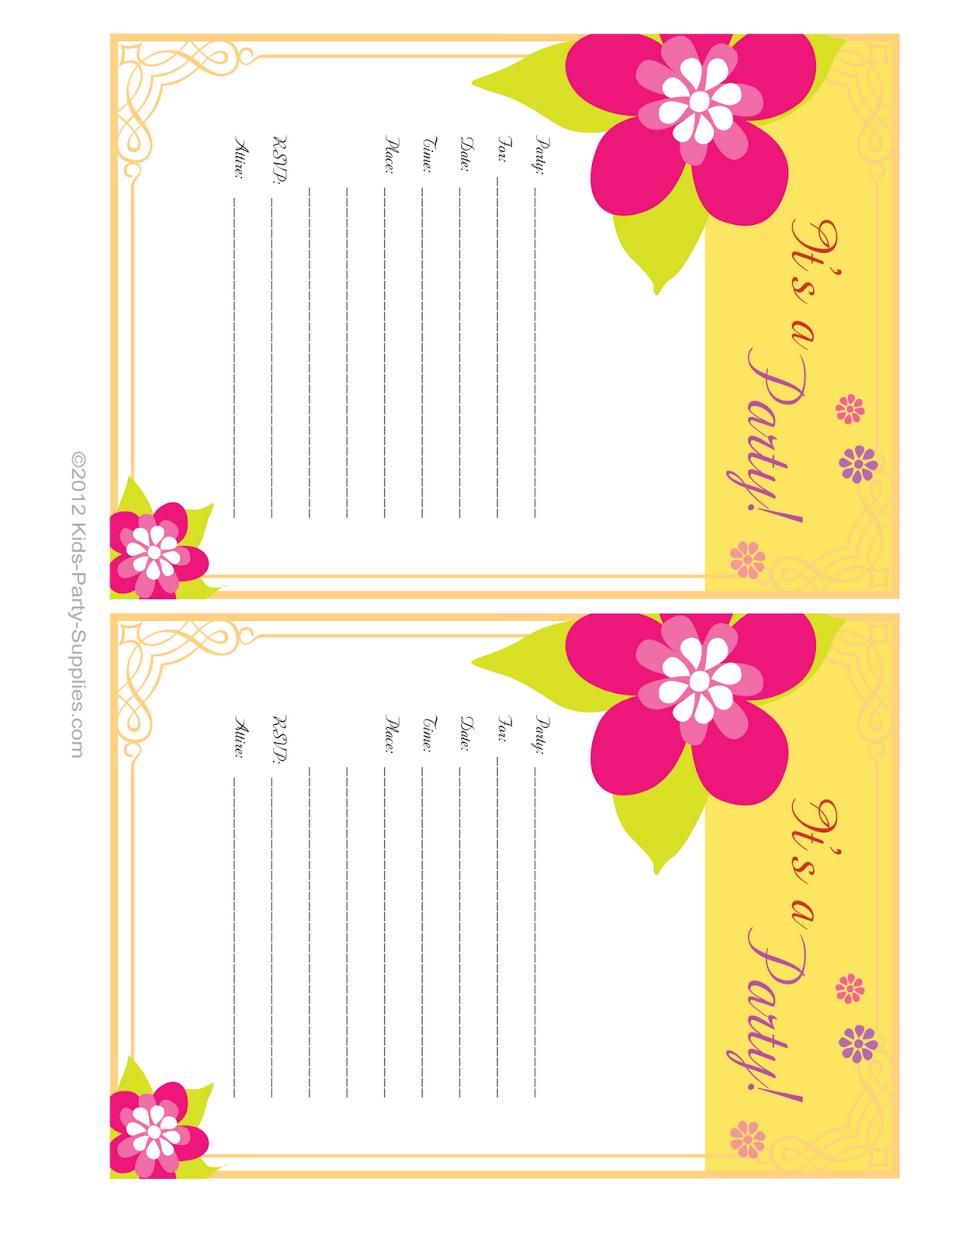 Hawaiian Party Invites Free - Tutlin.psstech.co - Hawaiian Party Invitations Free Printable